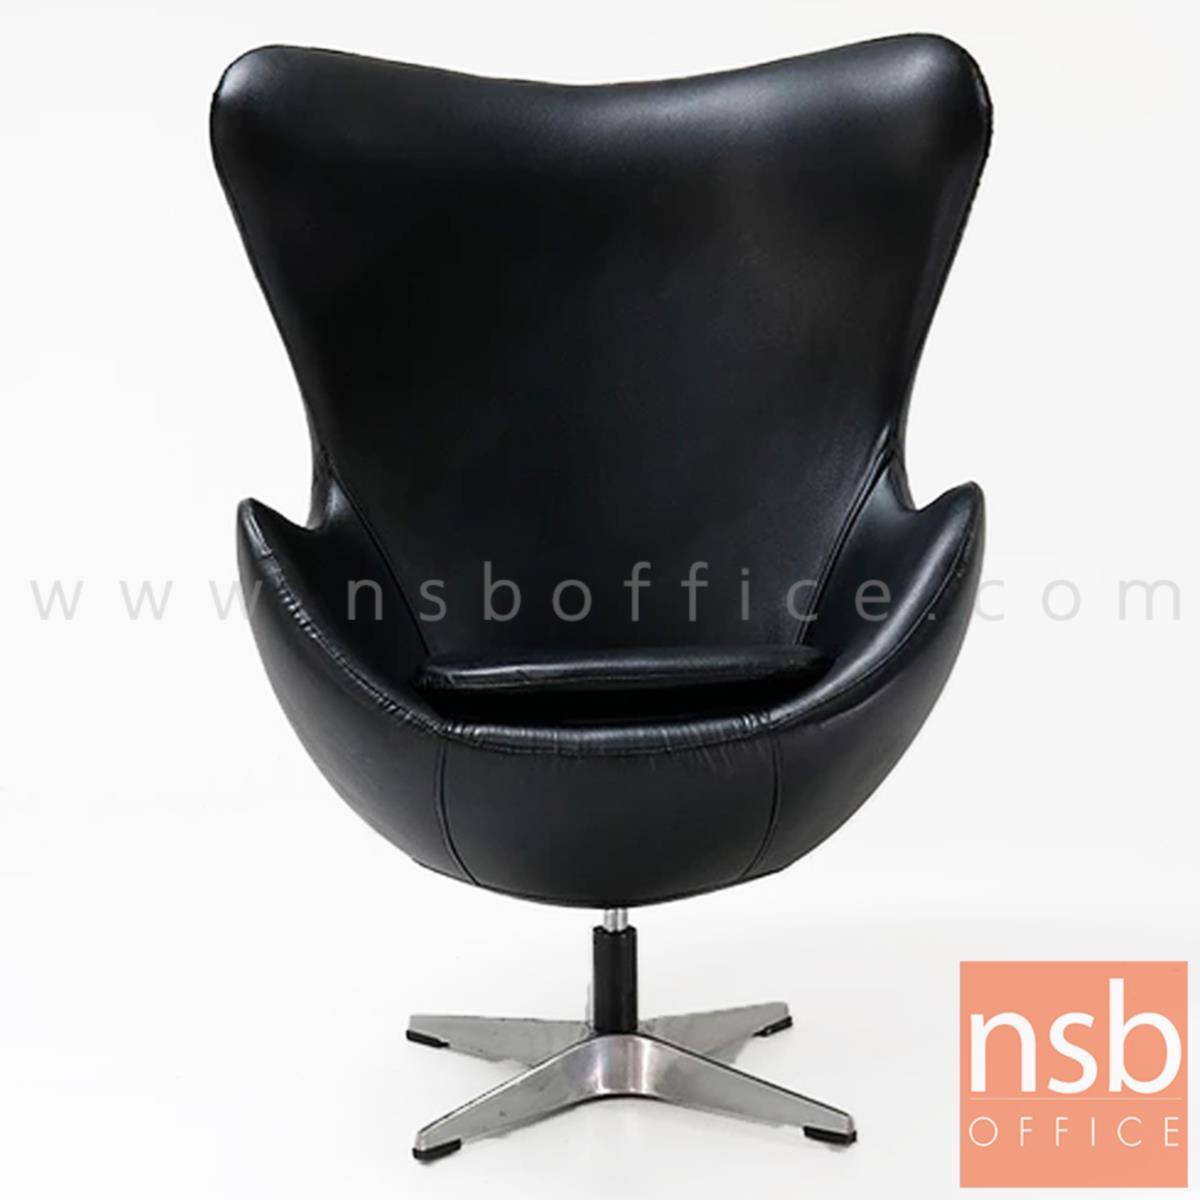 B29A308:เก้าอี้โมเดิร์นหนังเทียม รุ่น Griffith (กริฟฟิท)  โครงขาเหล็กชุบโครเมี่ยม